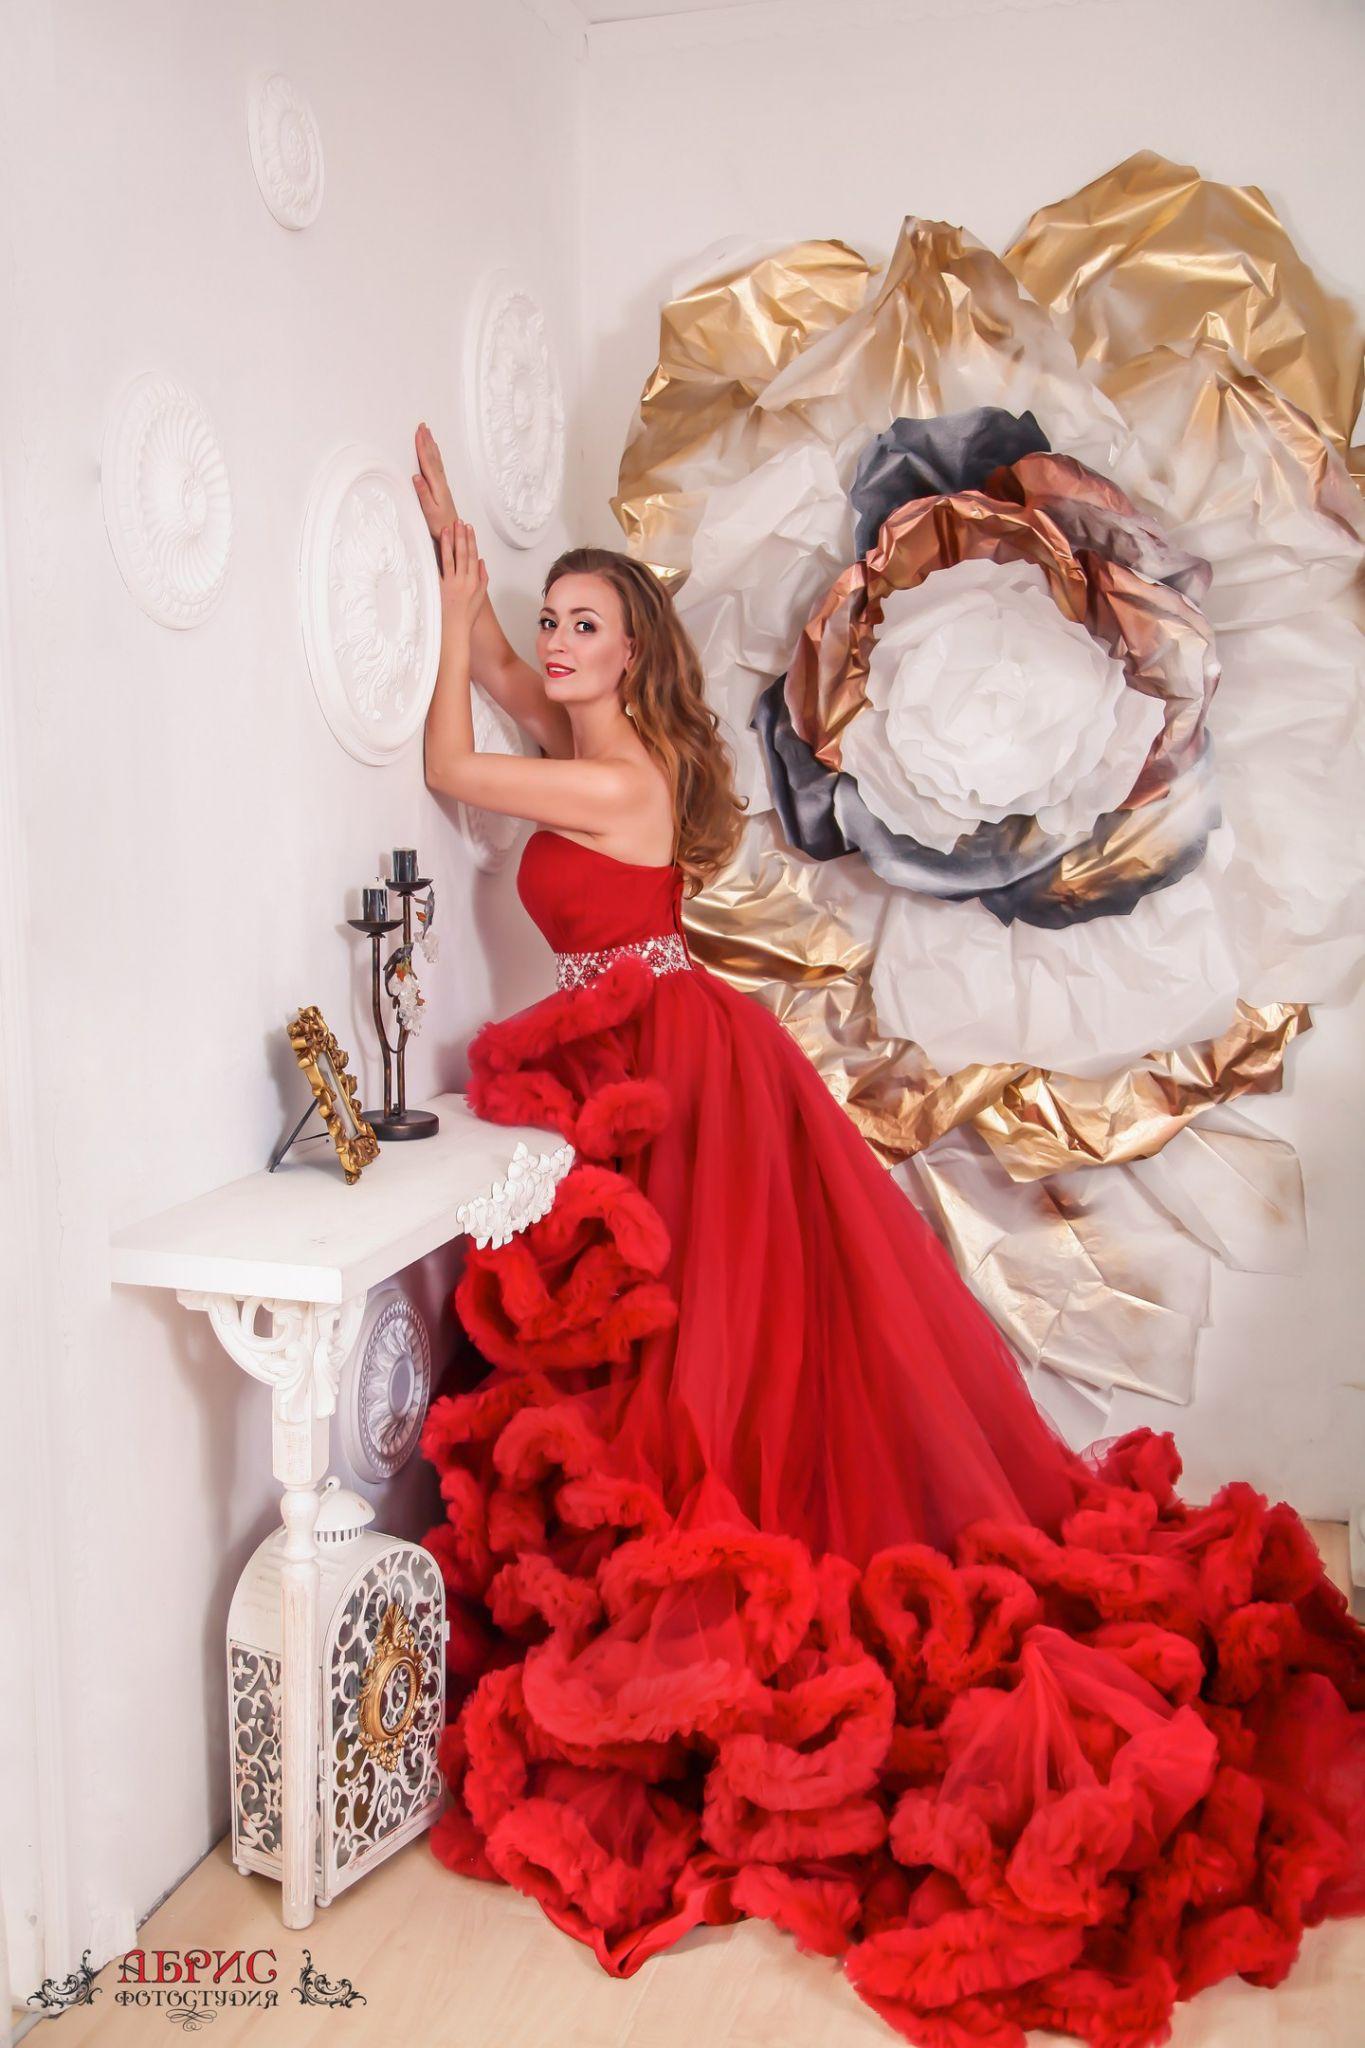 Аренда, прокат платья, аксессуаров, бижутерии, Фотостудия Абрис, Томск т 33-11-27